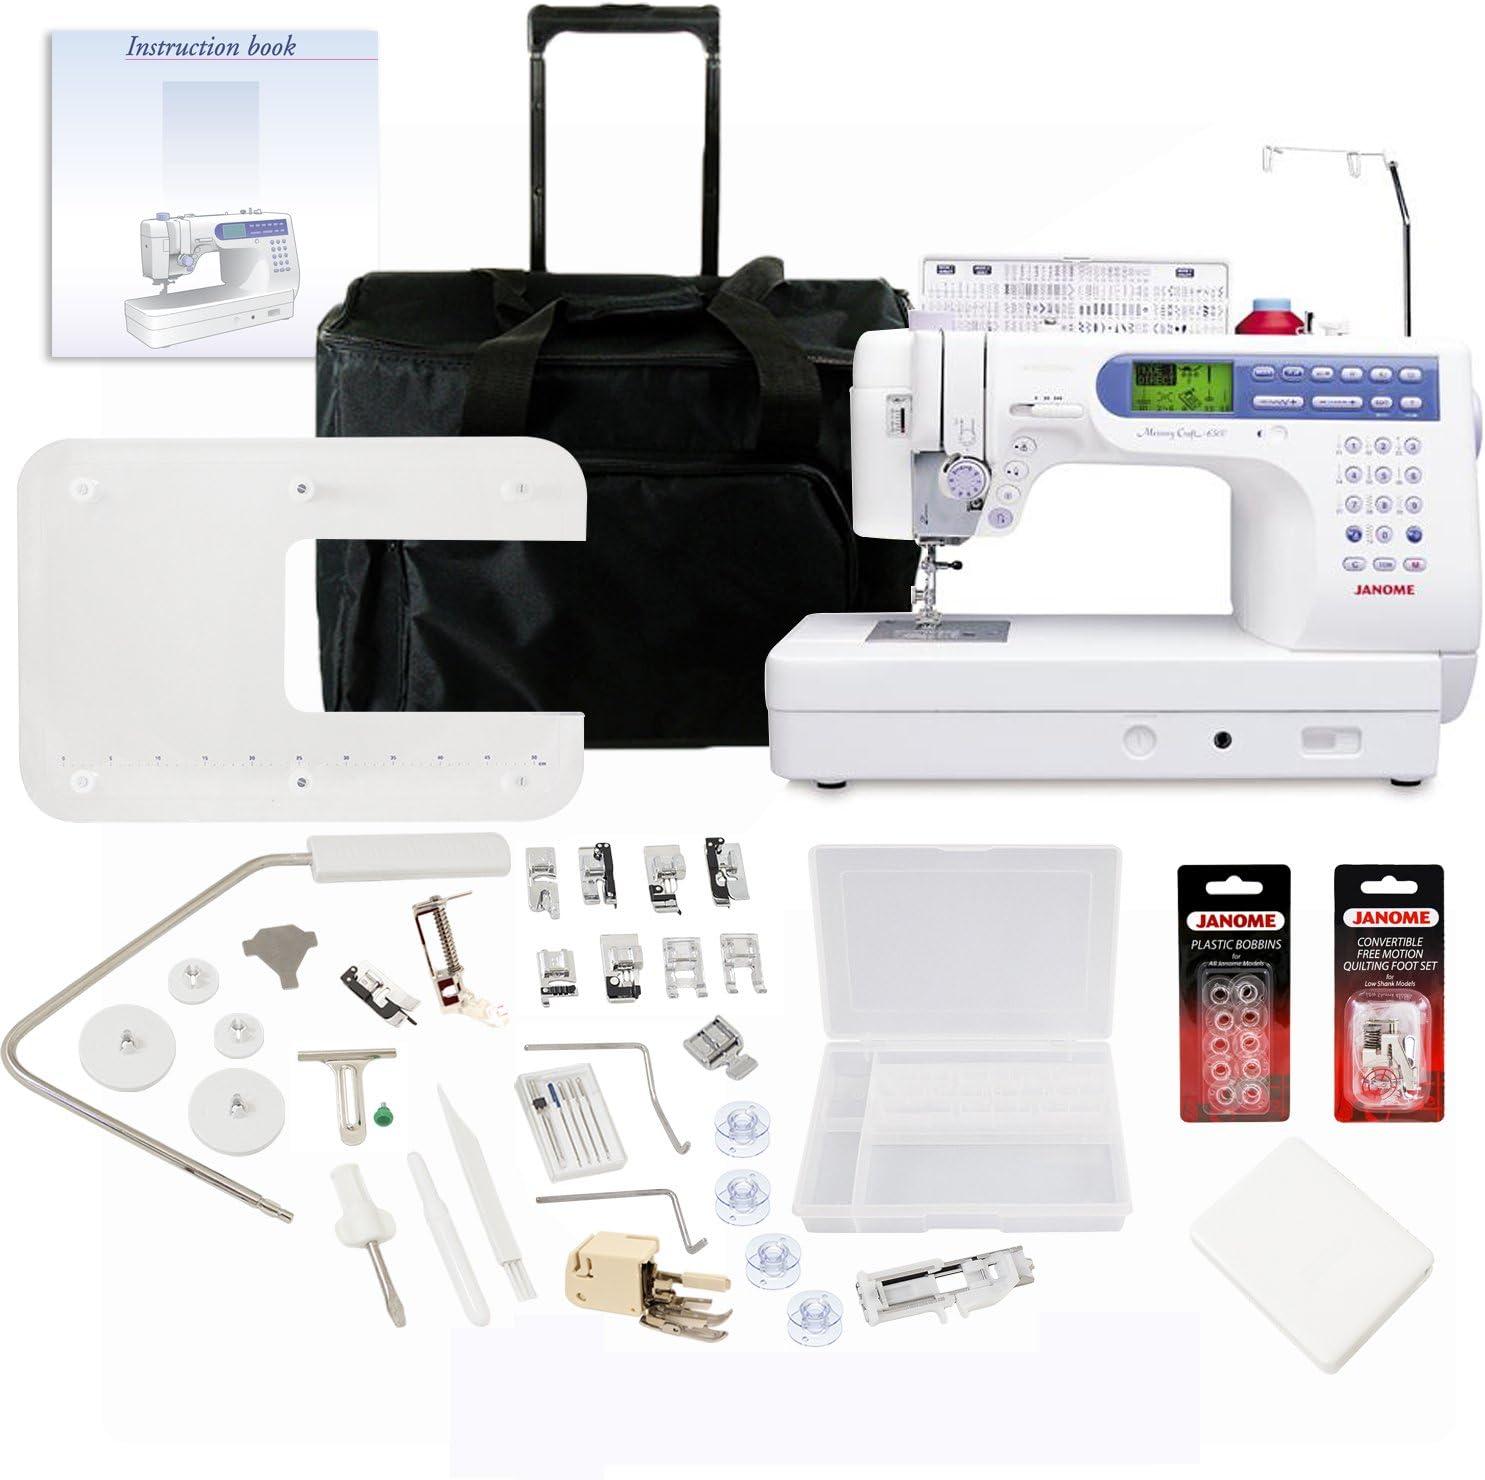 Janome Memory Craft 6500P máquina de coser con exclusivo paquete de bono: Amazon.es: Hogar